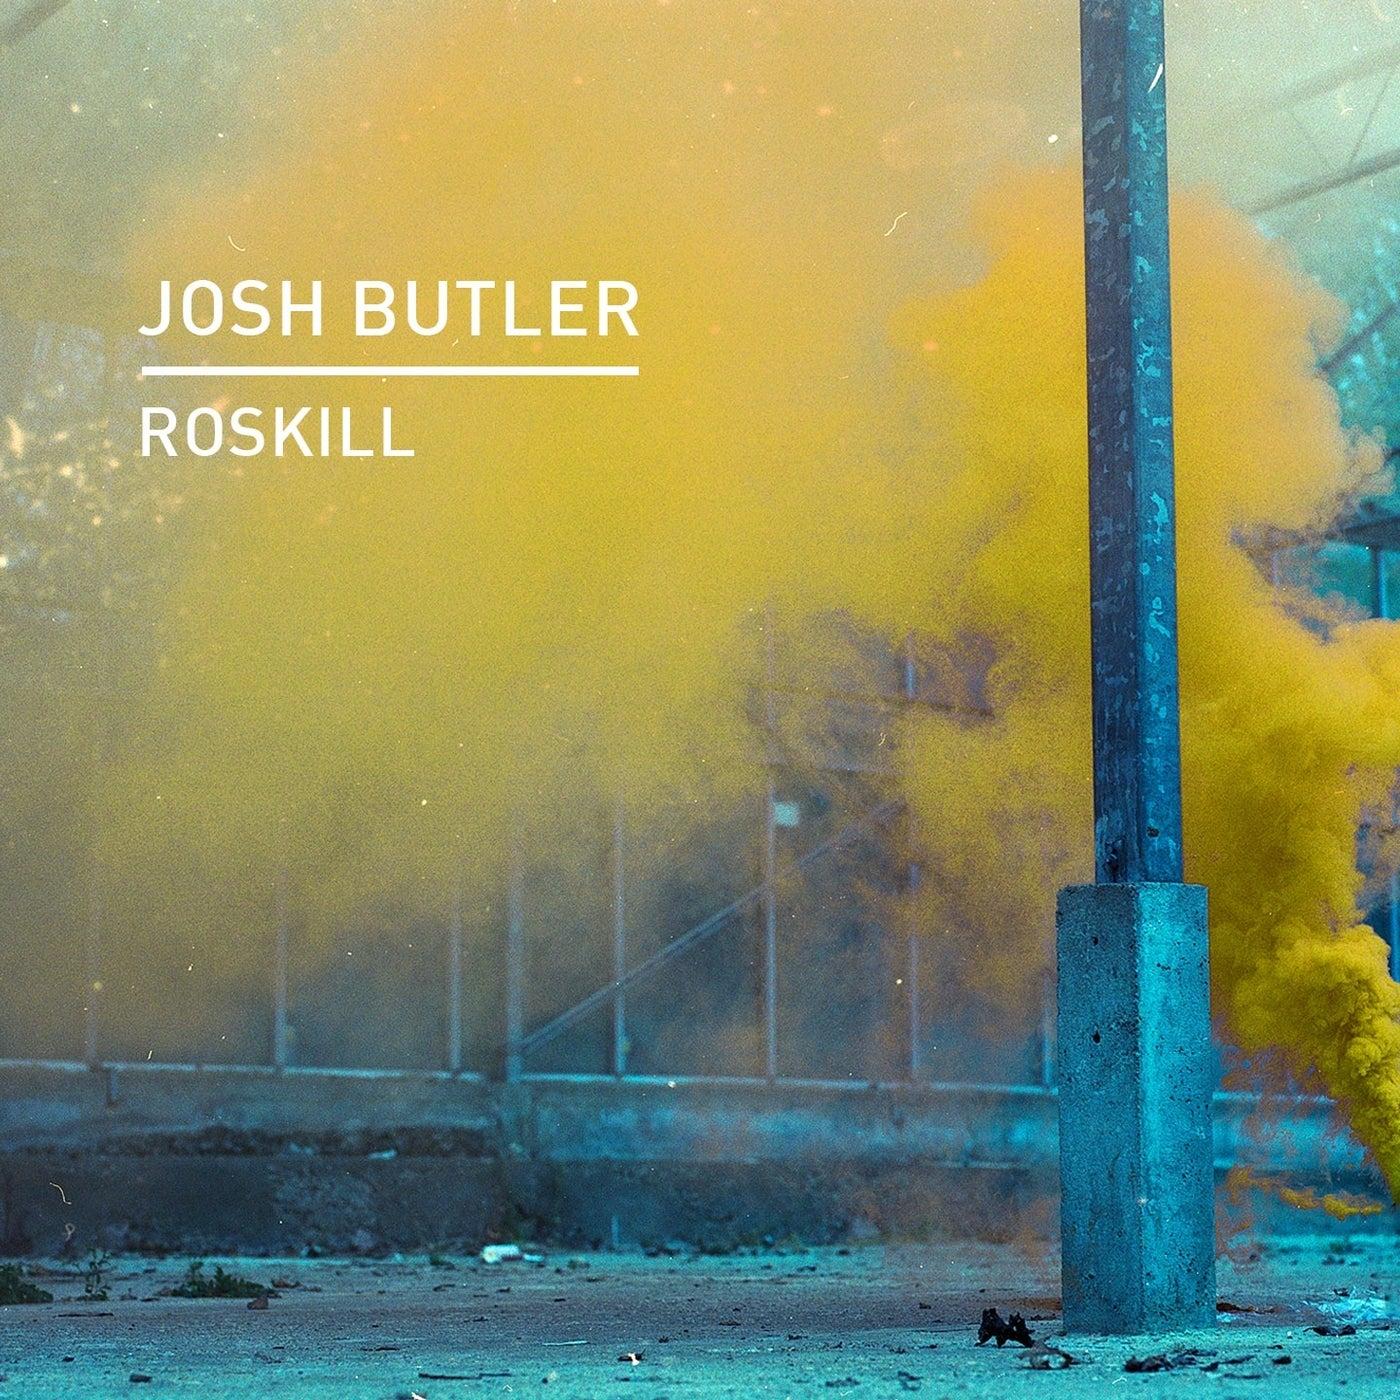 Roskill (Original Mix)